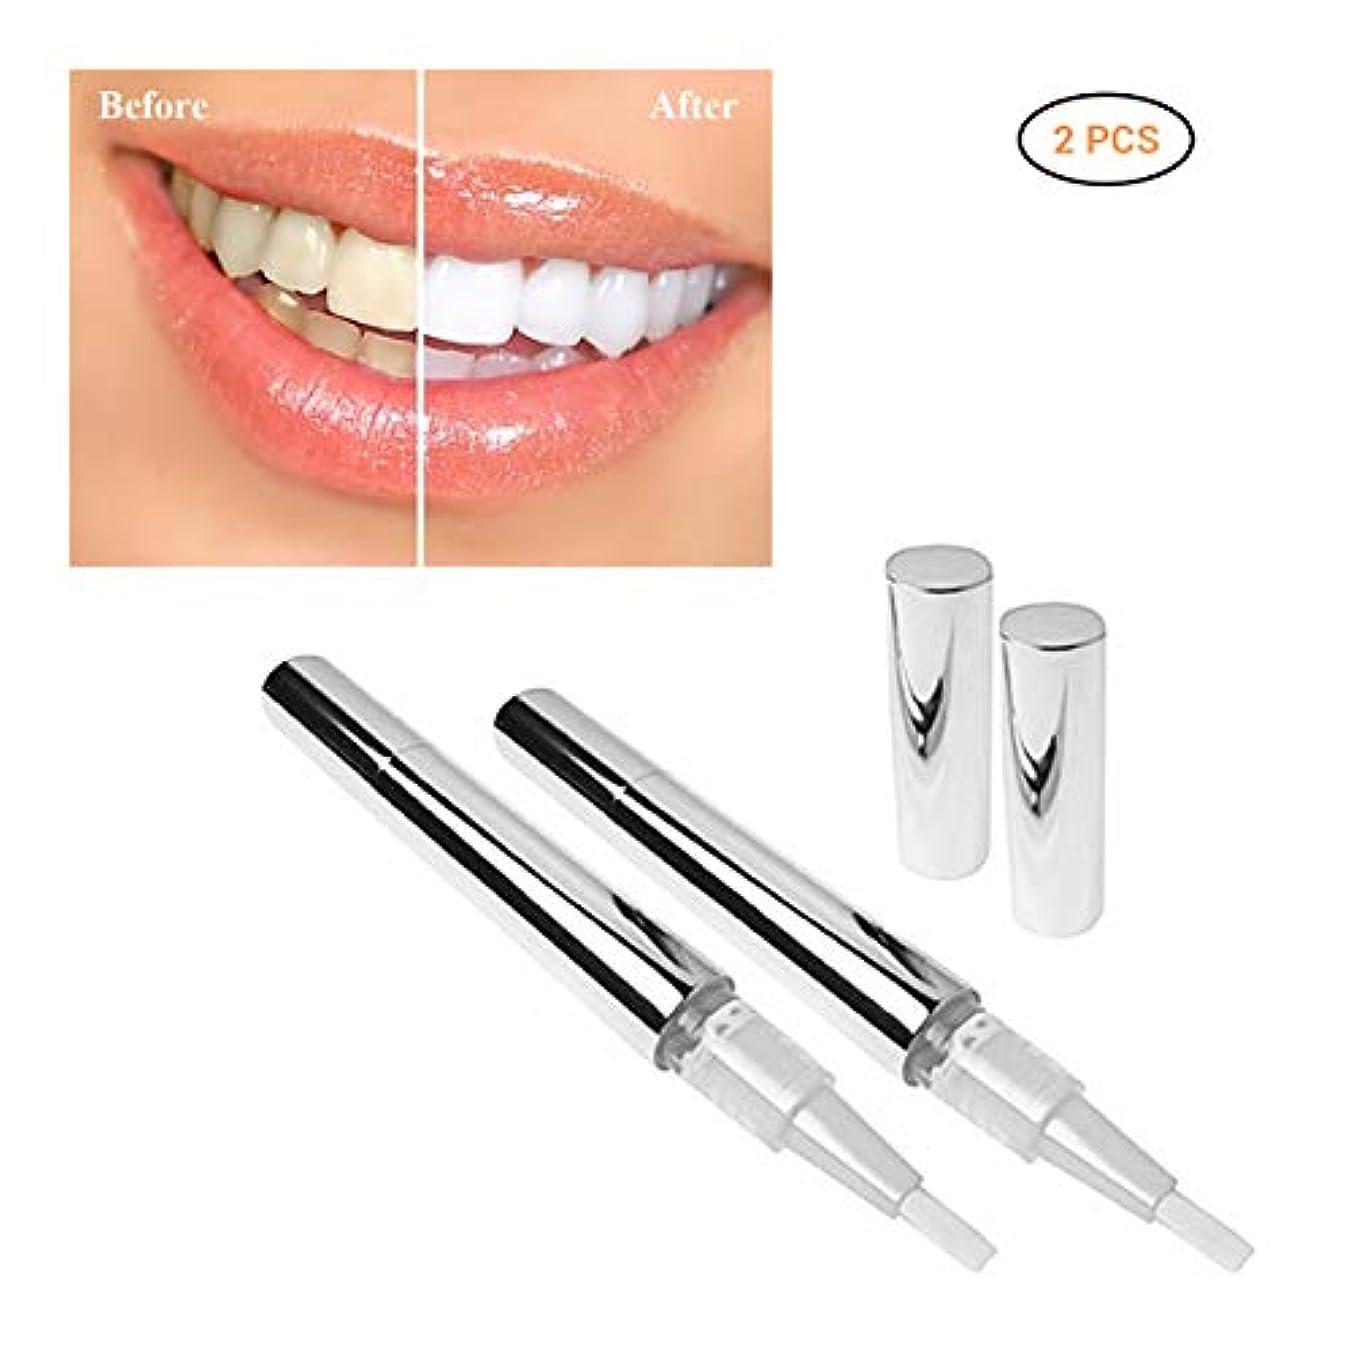 覚醒船尾場所BTSMAT ペンホワイトニングペン歯のホワイトニングステインイレーサーリムーバー口腔衛生ホワイトニングペン